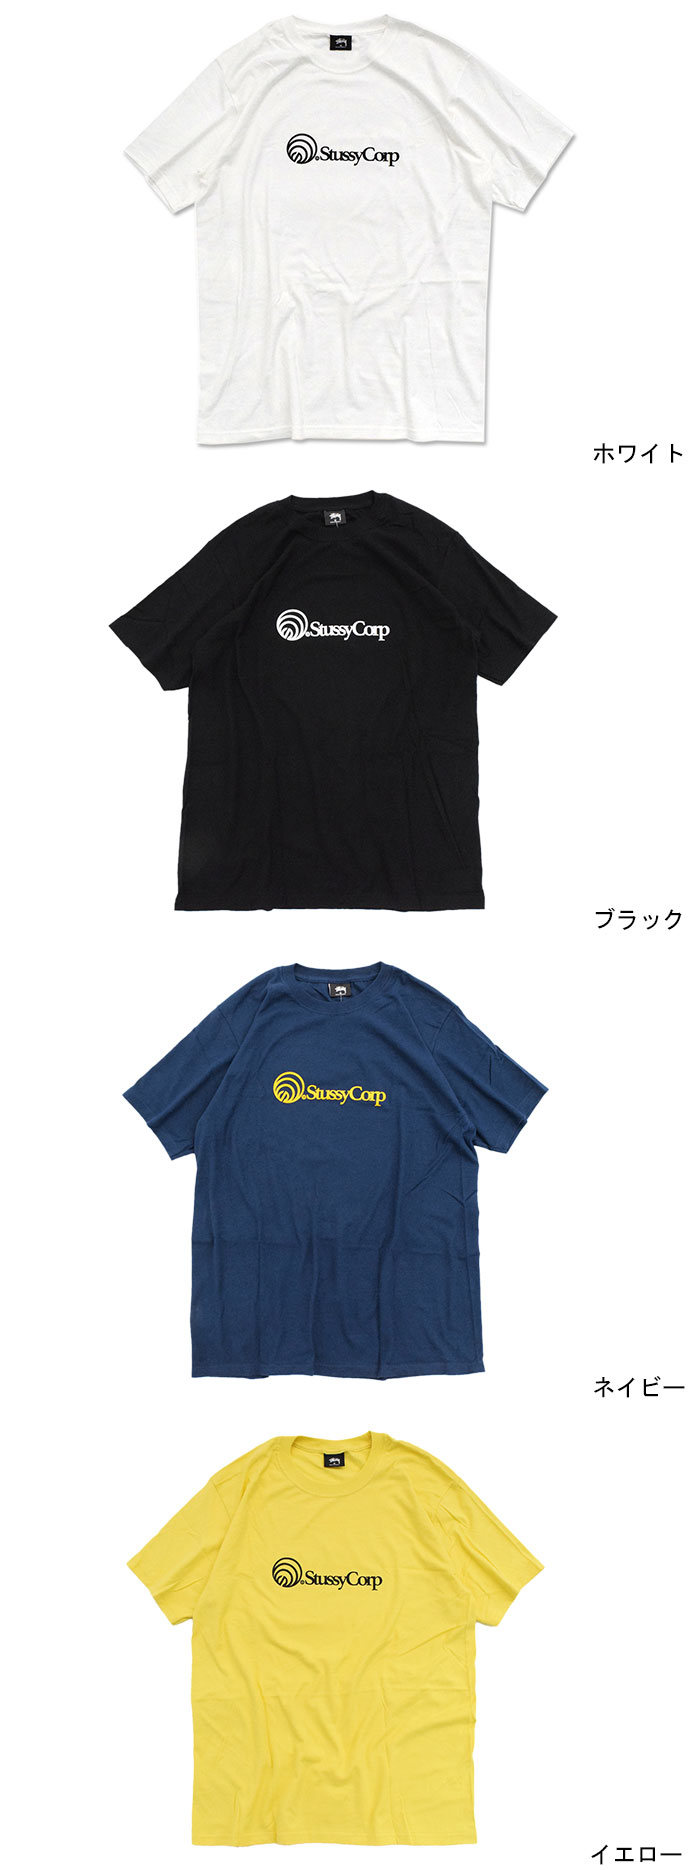 STUSSYステューシーのTシャツ Stussy Corp03